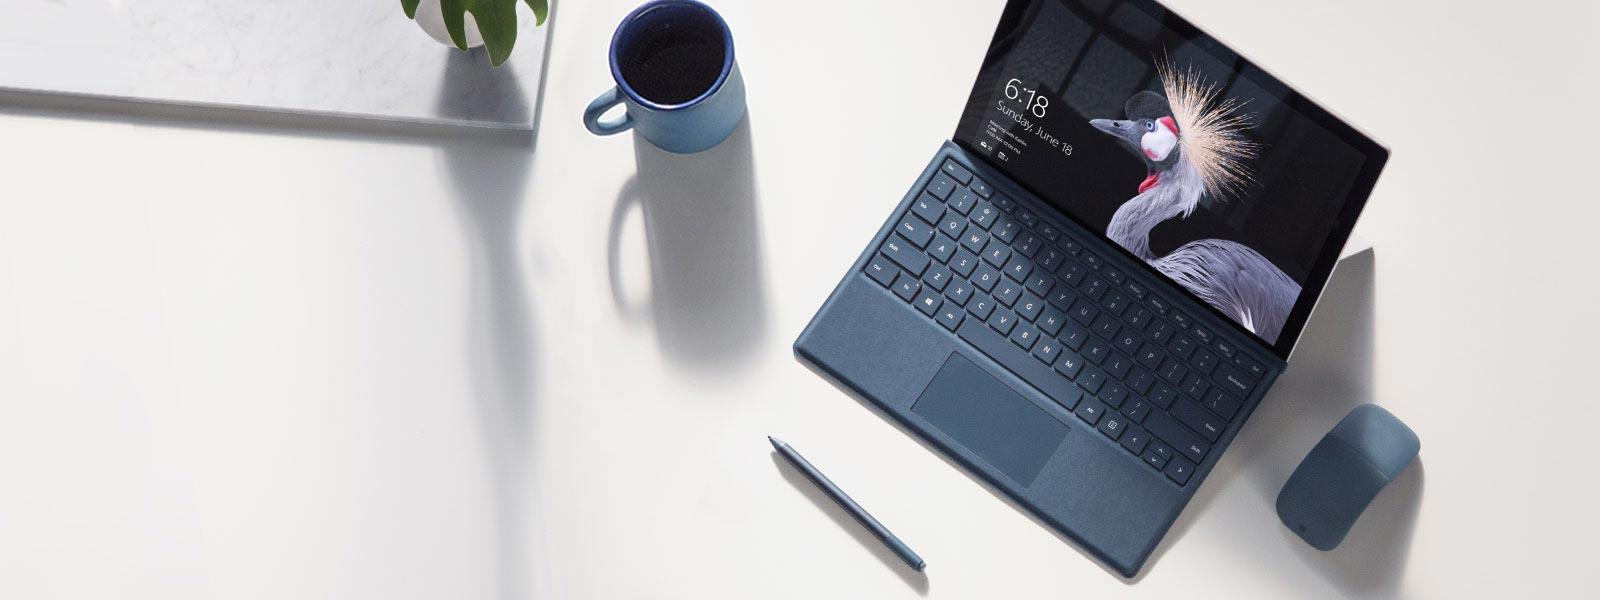 Surface Pro auf einem Tisch